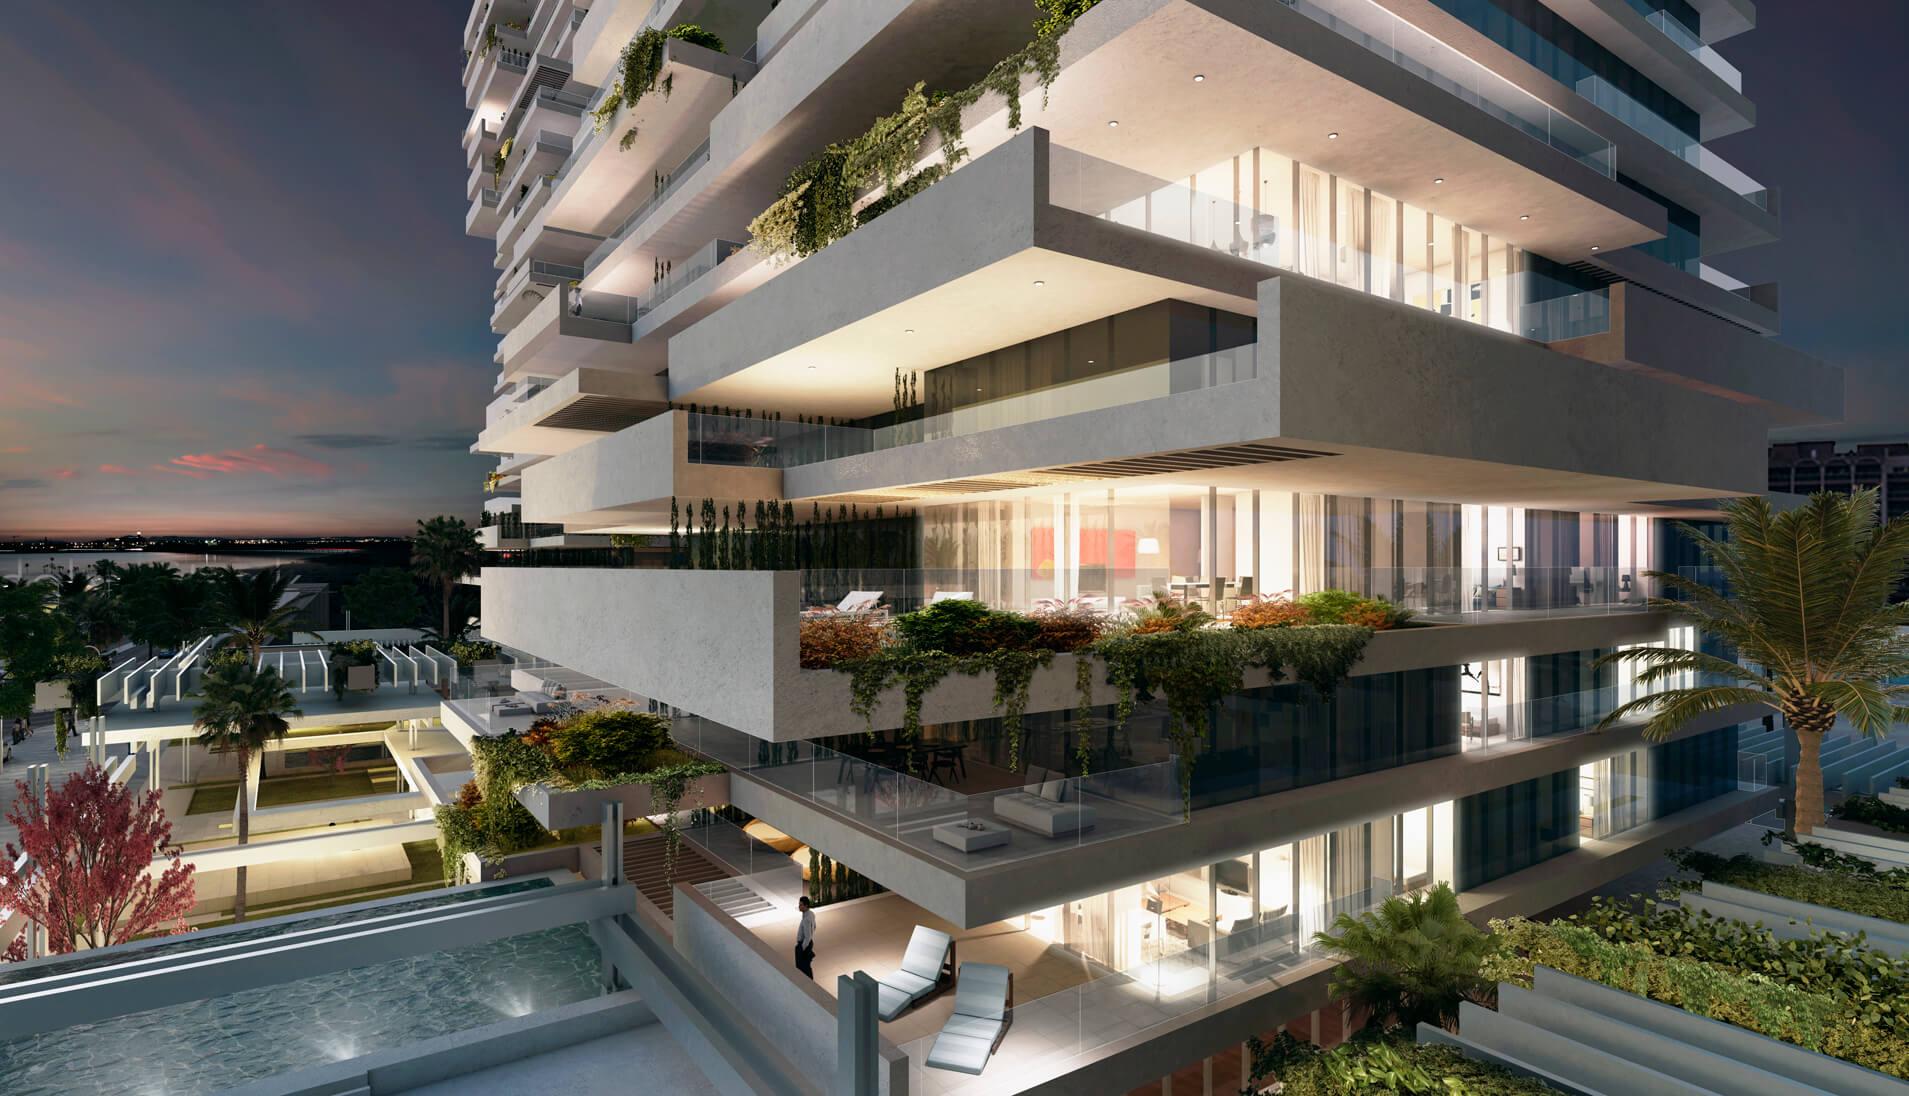 Torres del r o nuevo proyecto residencial en m laga del - Arquitectos interioristas malaga ...